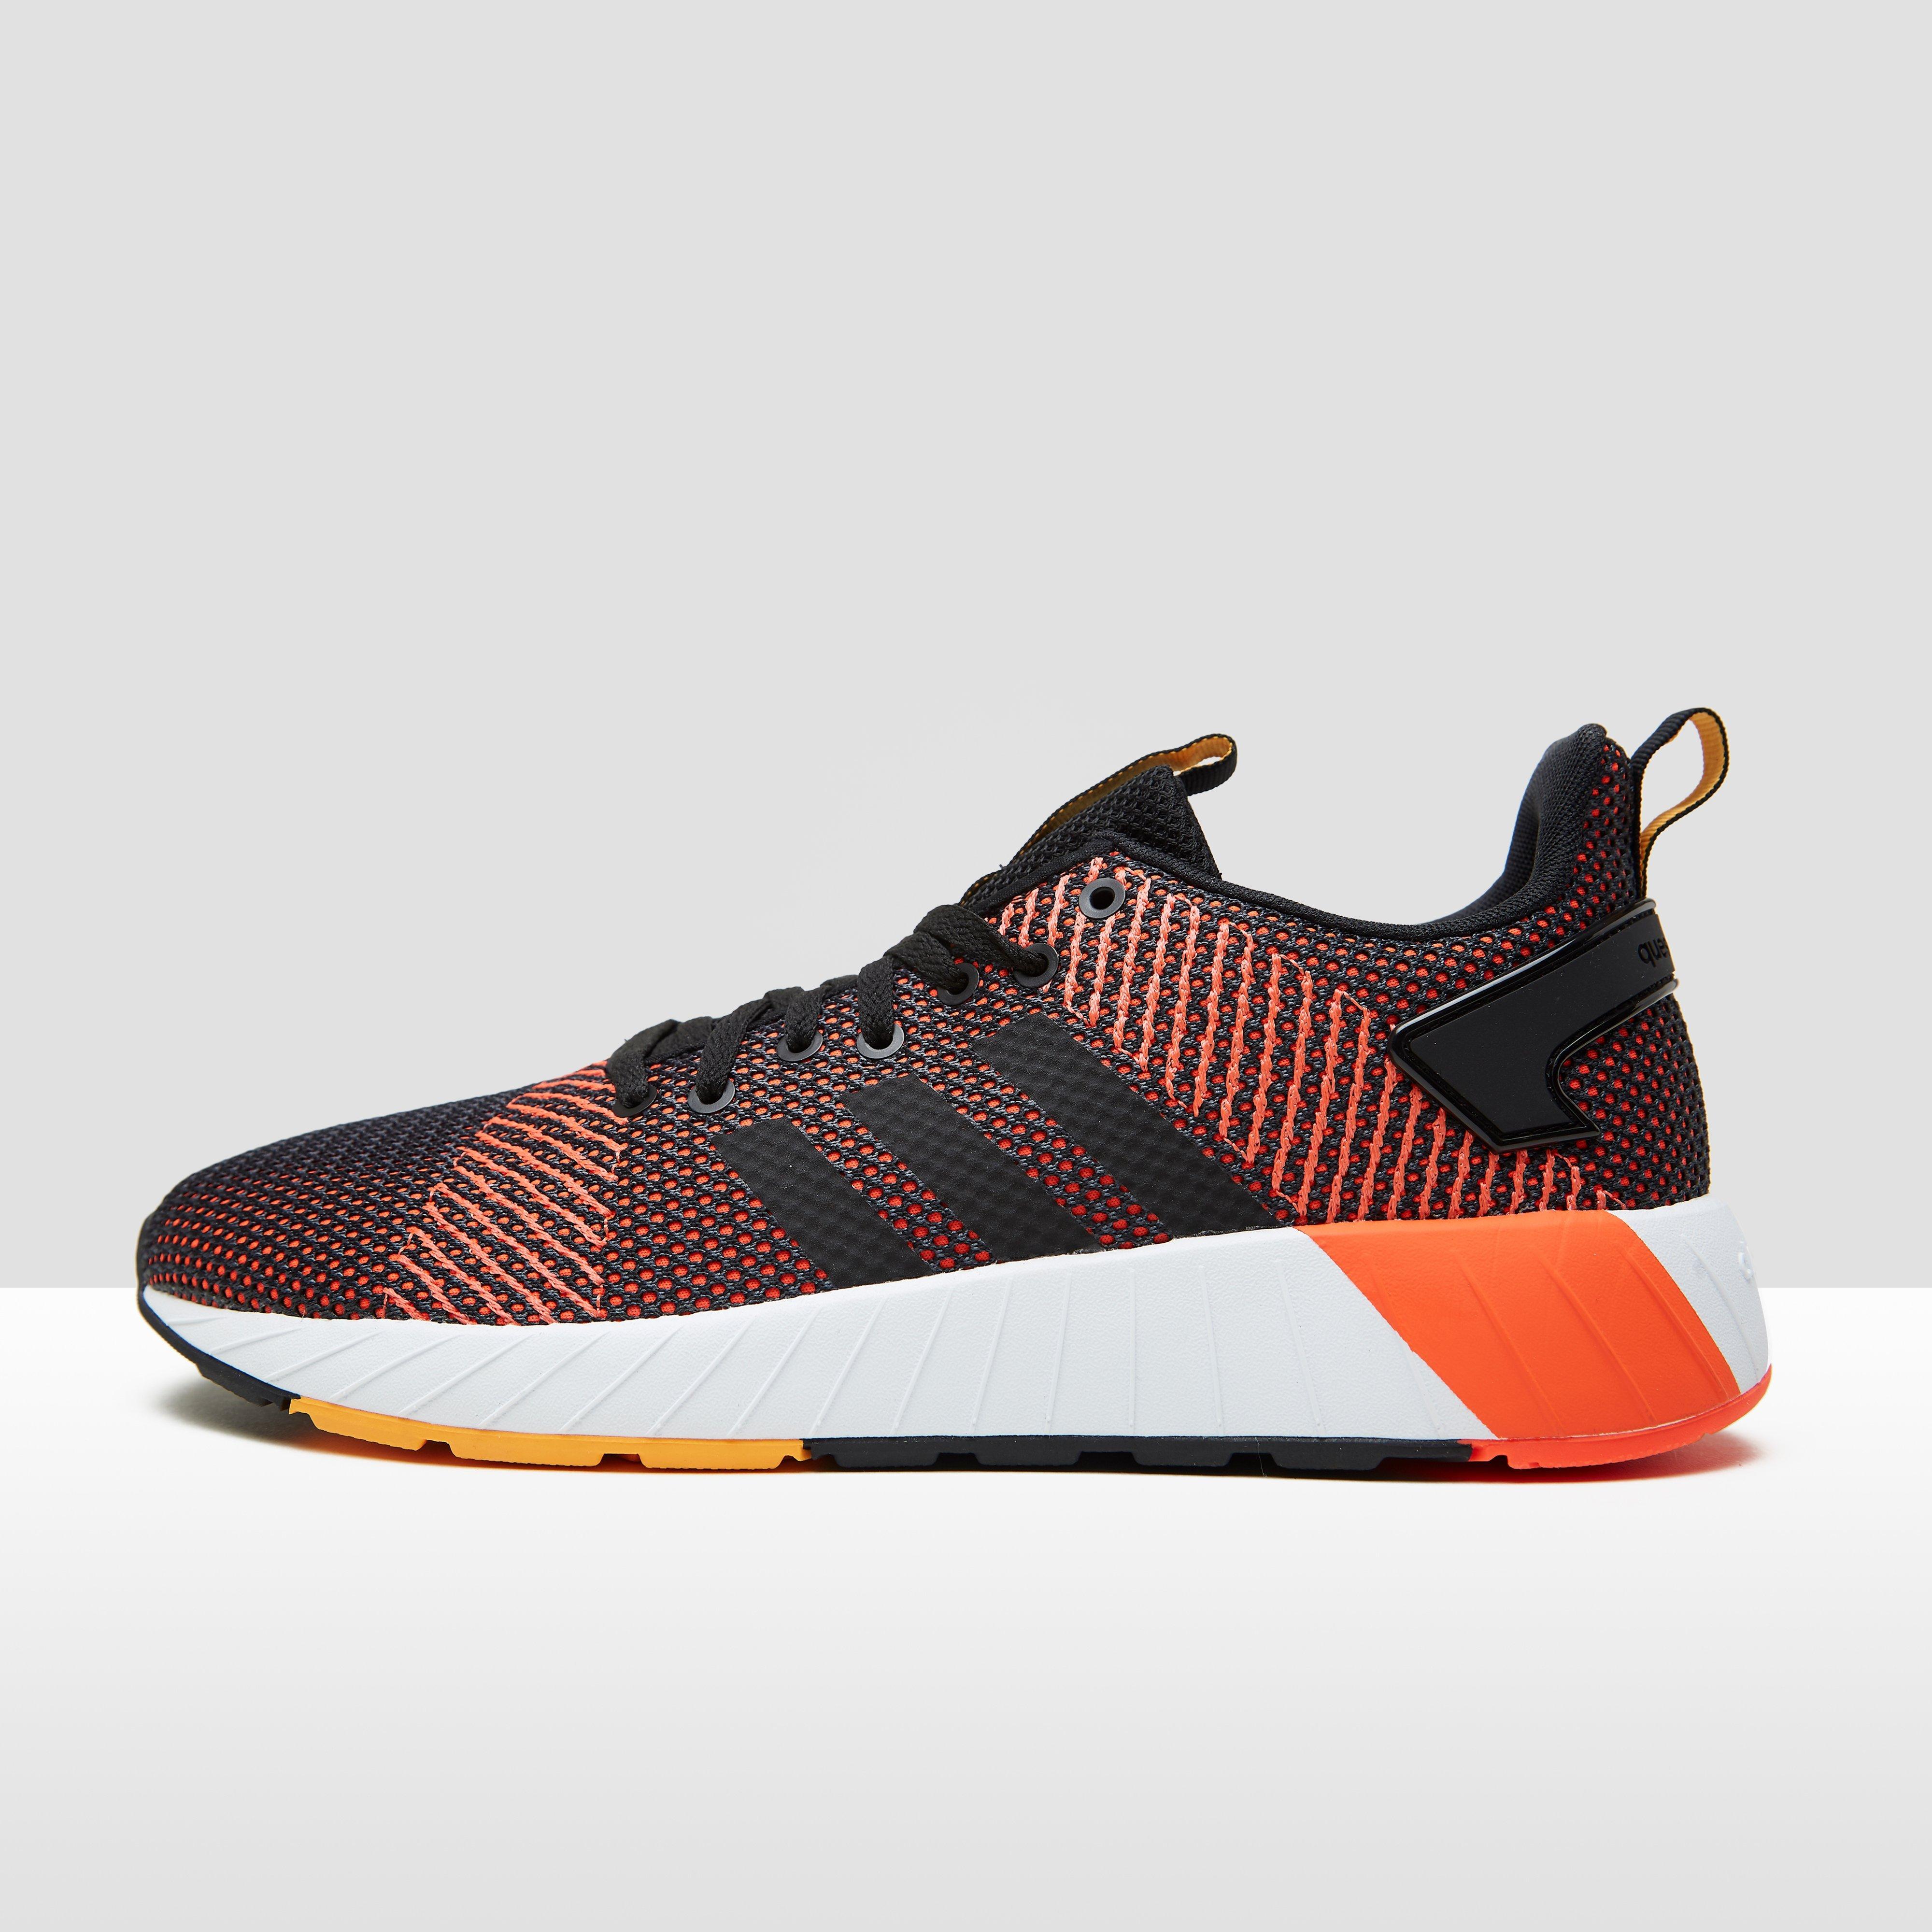 Tanjun Chaussures Orange Nike En 5 Hommes 7XzkP5alZO